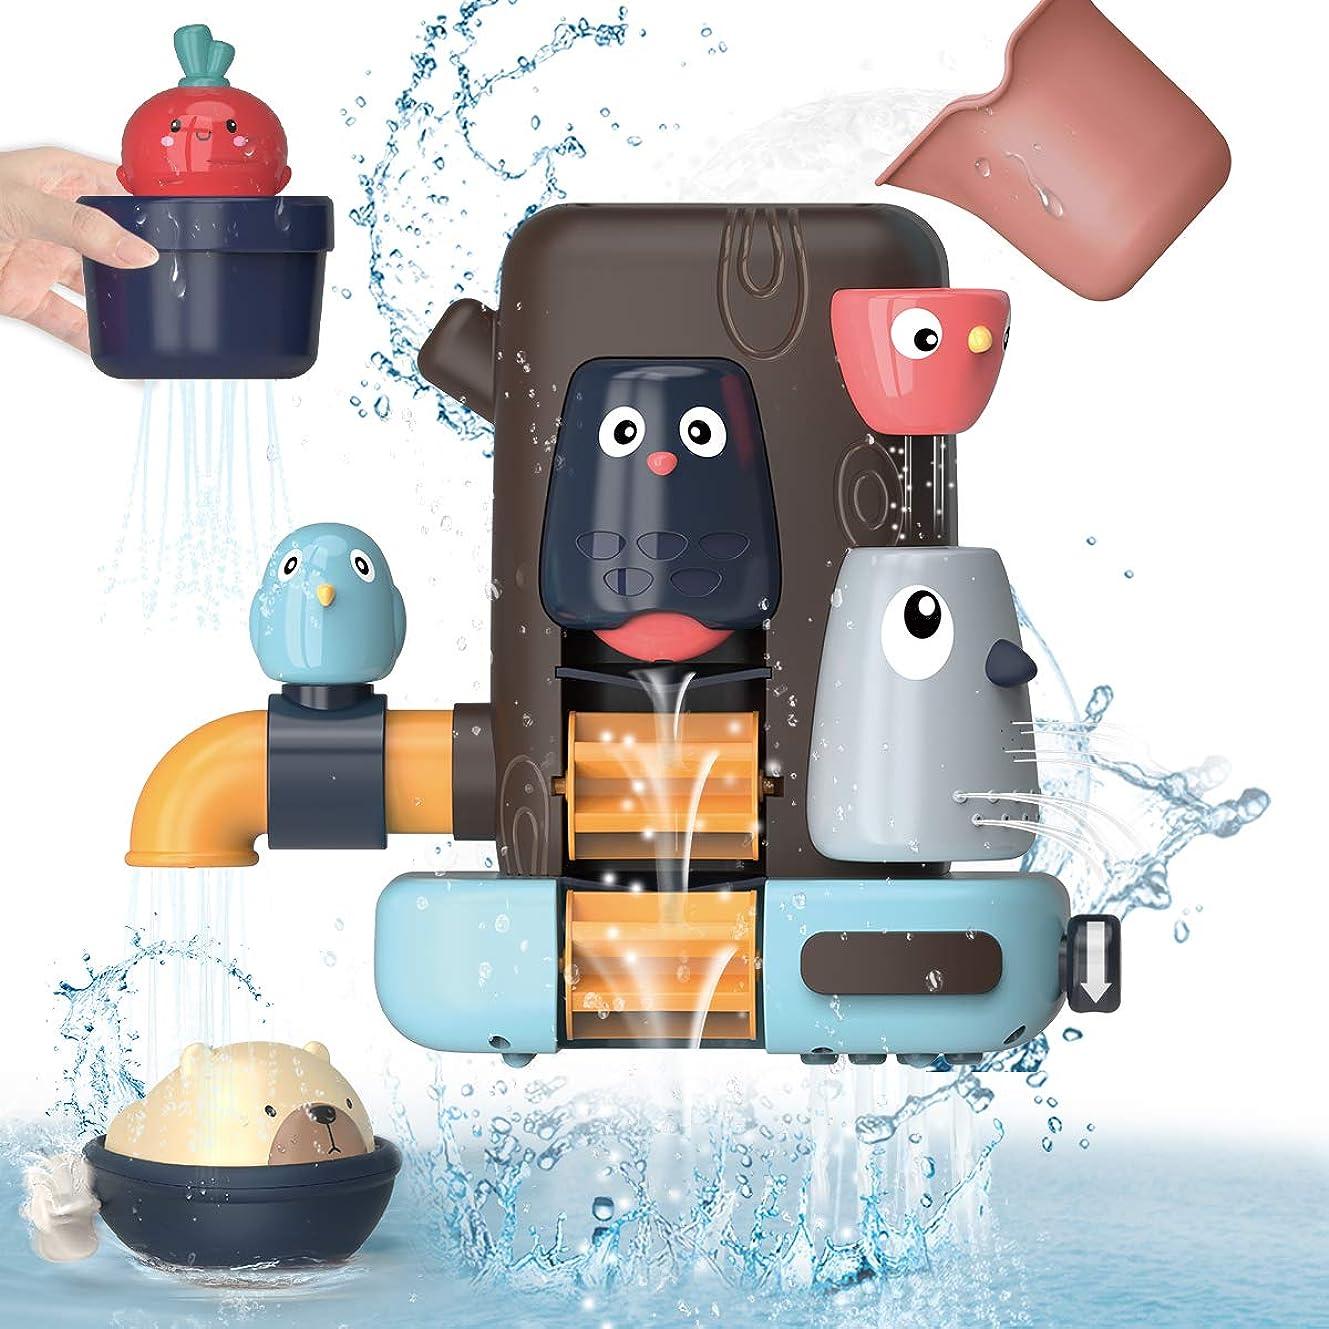 限界冷蔵する船上REMOKING 2020新型 お風呂 おもちゃ 水遊び おもちゃ 女の子 男の子 キッズ かわいい動物 水スプレー 遊びいっぱい 子供 赤ちゃんおもちゃ シャワーカップ 男女共用 贈り物 誕生日プレゼント 子供をお風呂が好きになる